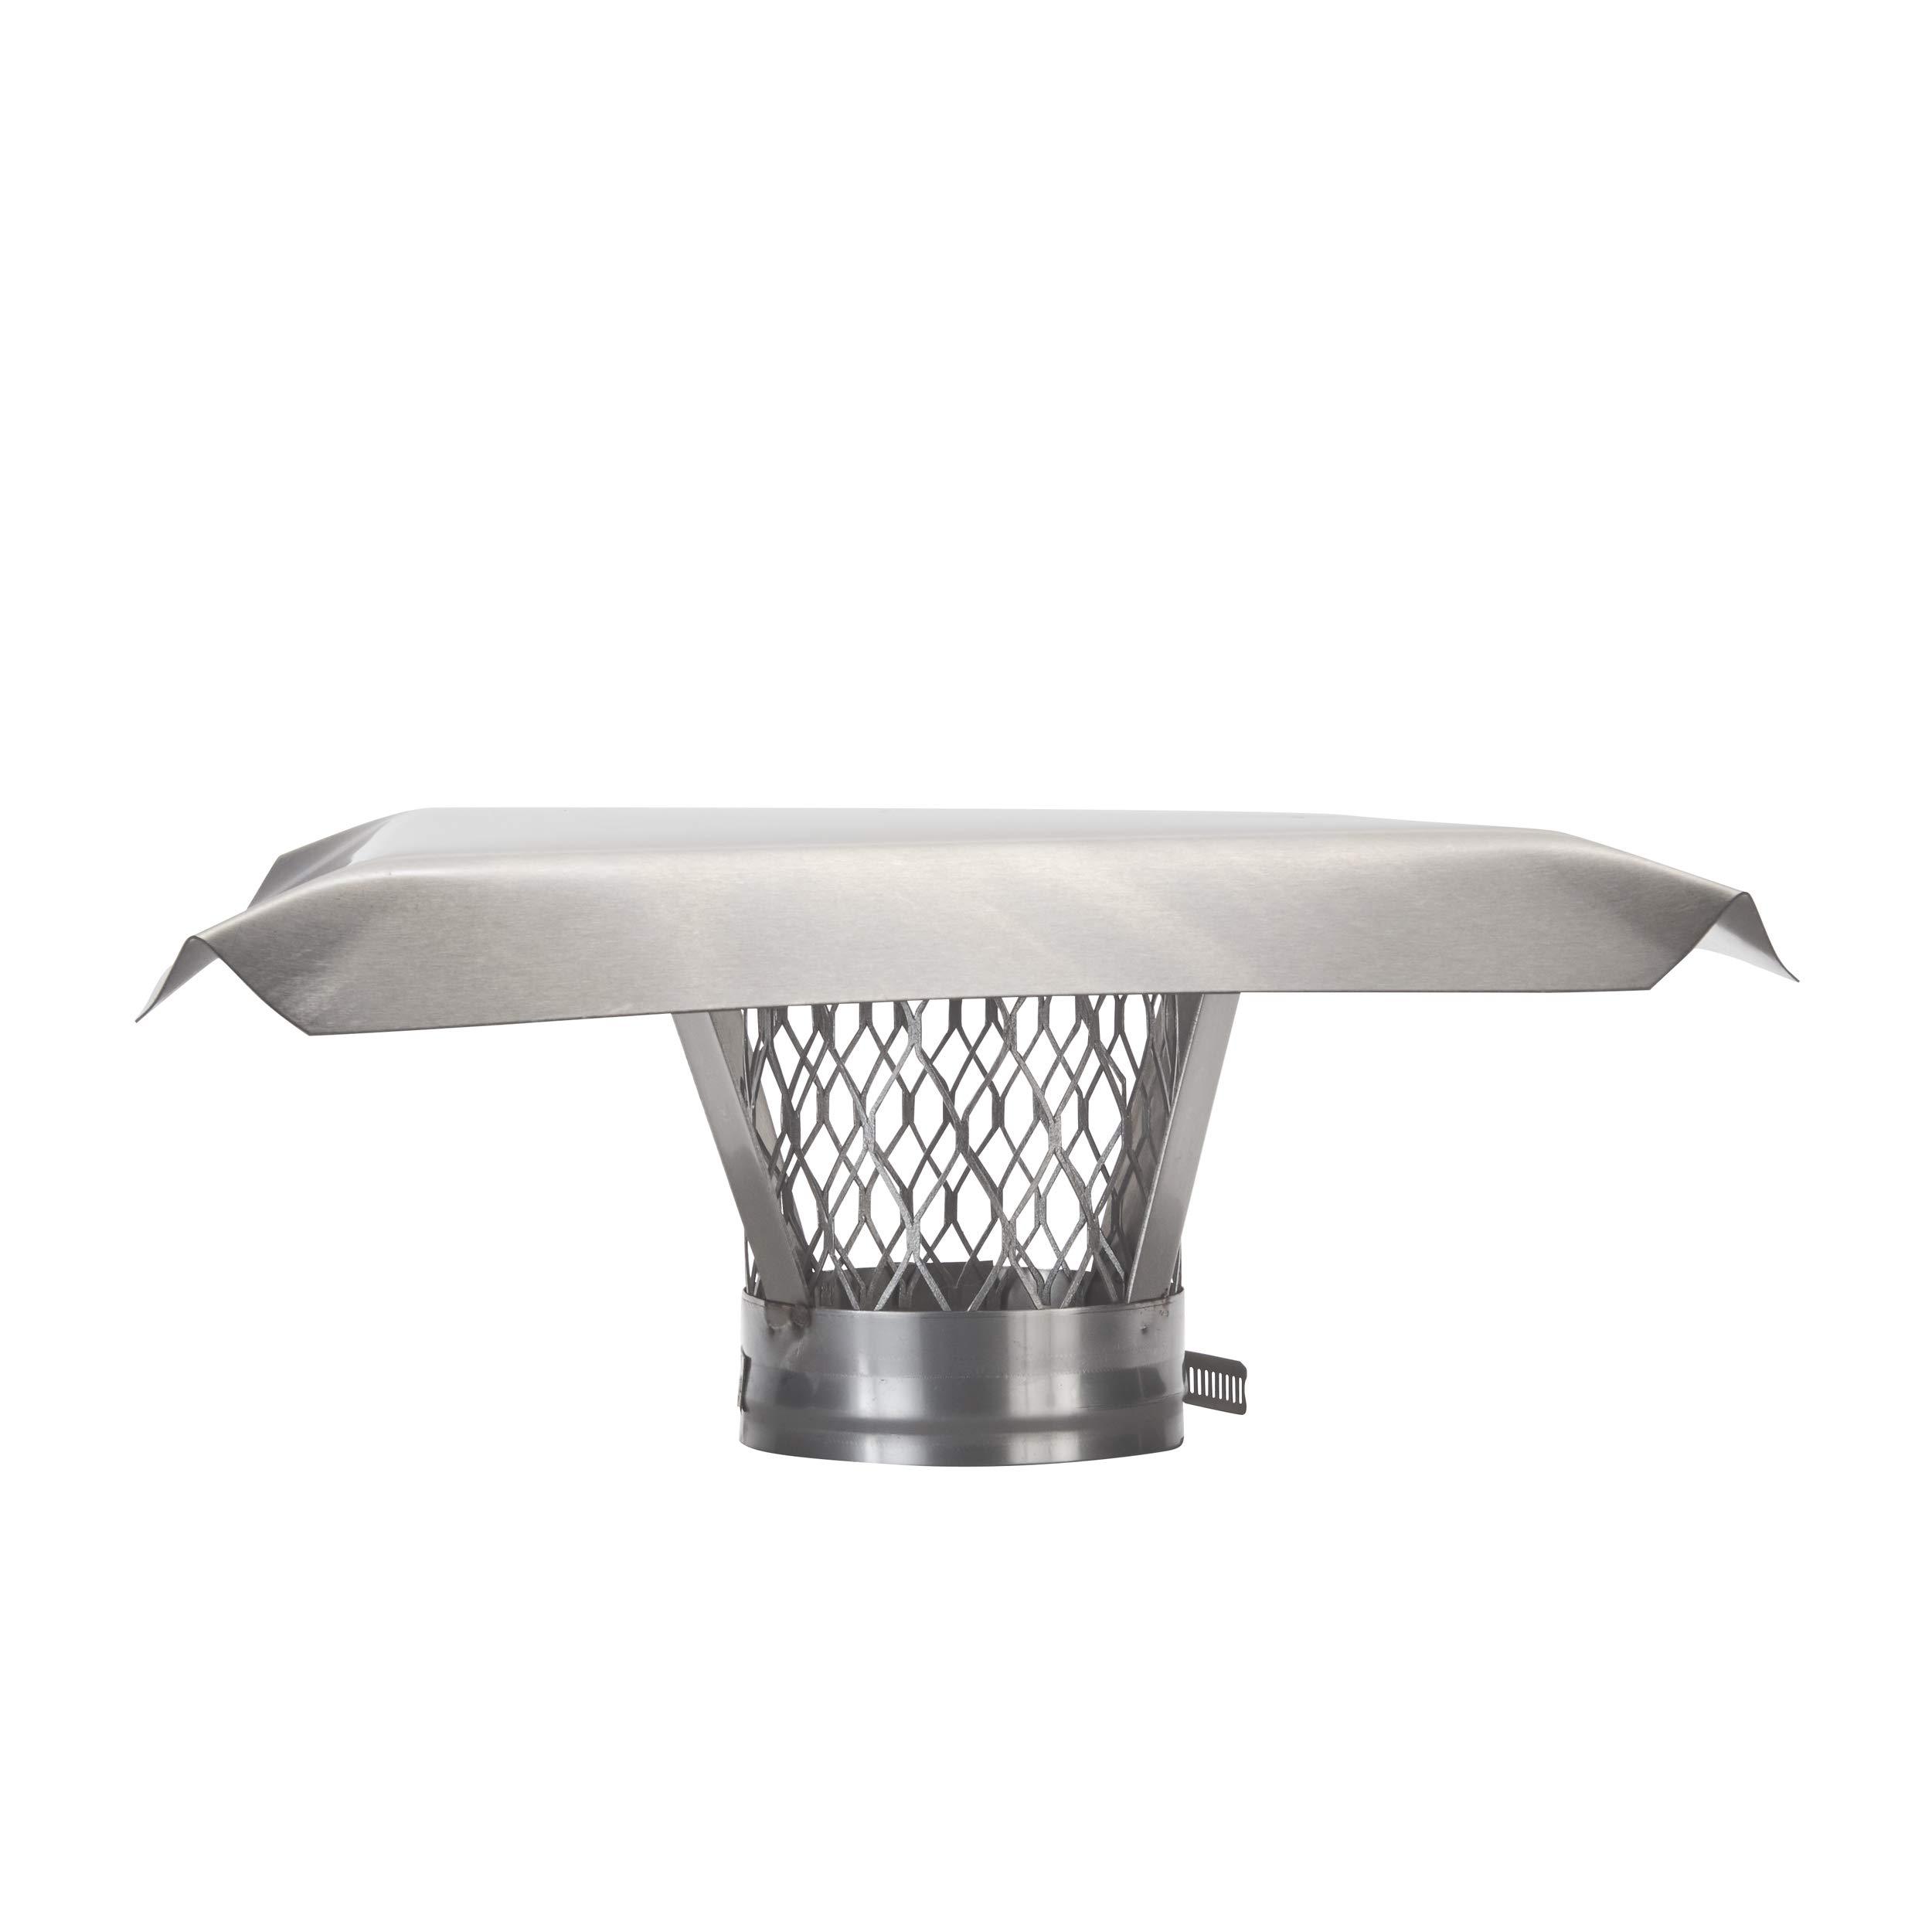 HY-C LC10 - Abrazadera redonda de acero inoxidable para chimenea, LC4: Amazon.es: Bricolaje y herramientas